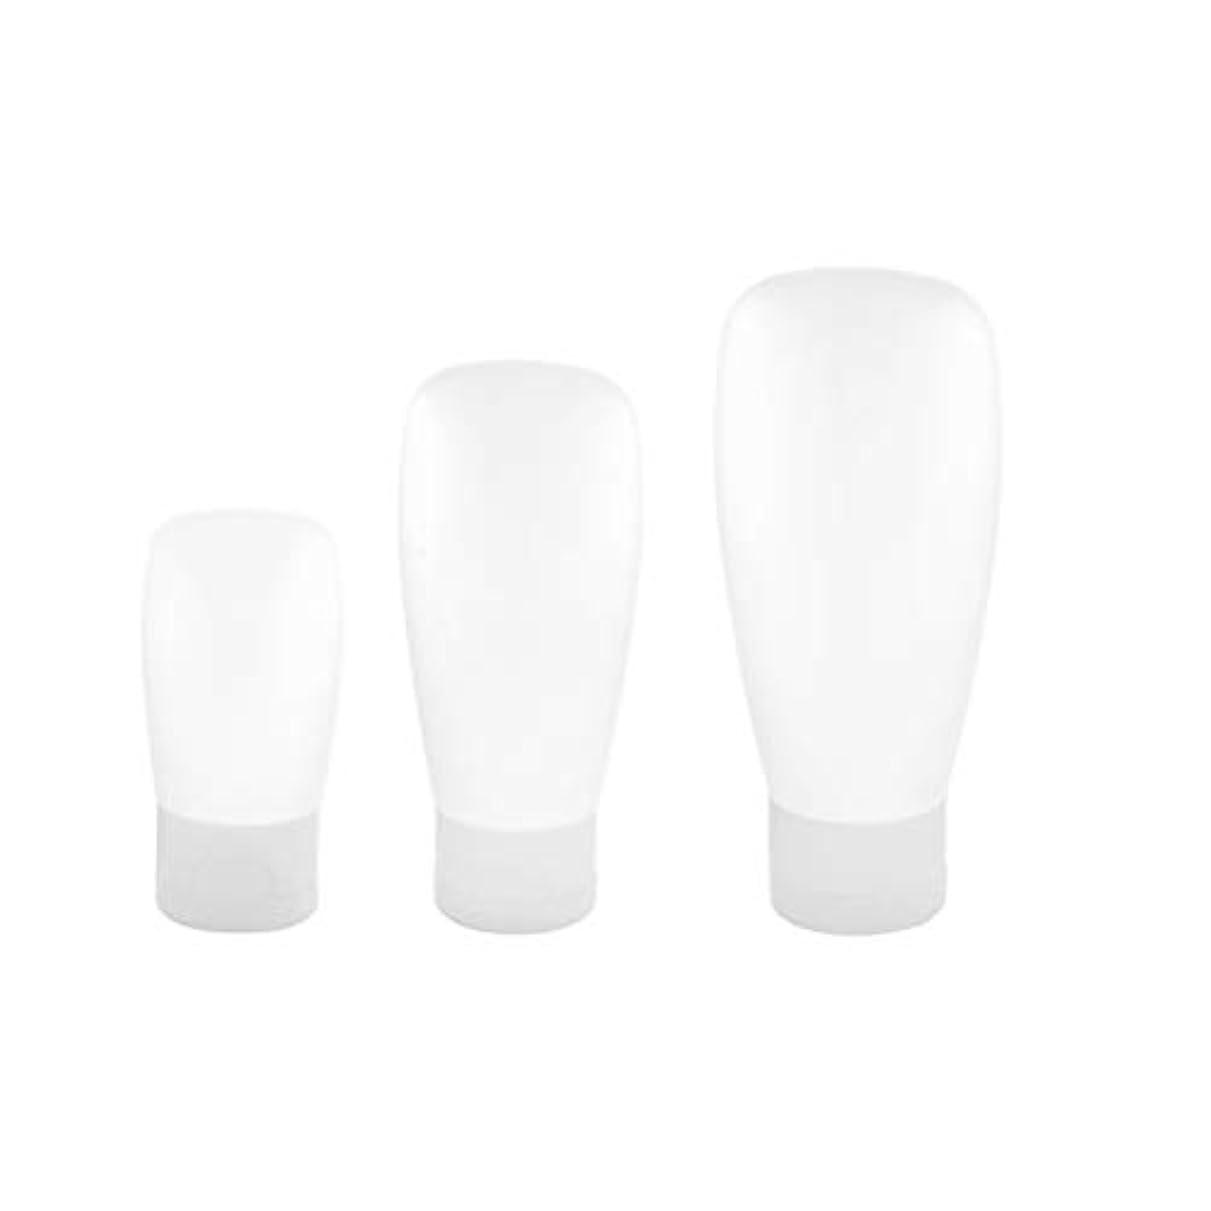 広くむき出し強調するTOPBATHY 3本旅行ボトルプラスチック詰め替え式トラベルコンテナスクイーズトラベルチューブセット用シャンプーローションソープ30ML 60ML 100ML(ホワイト)